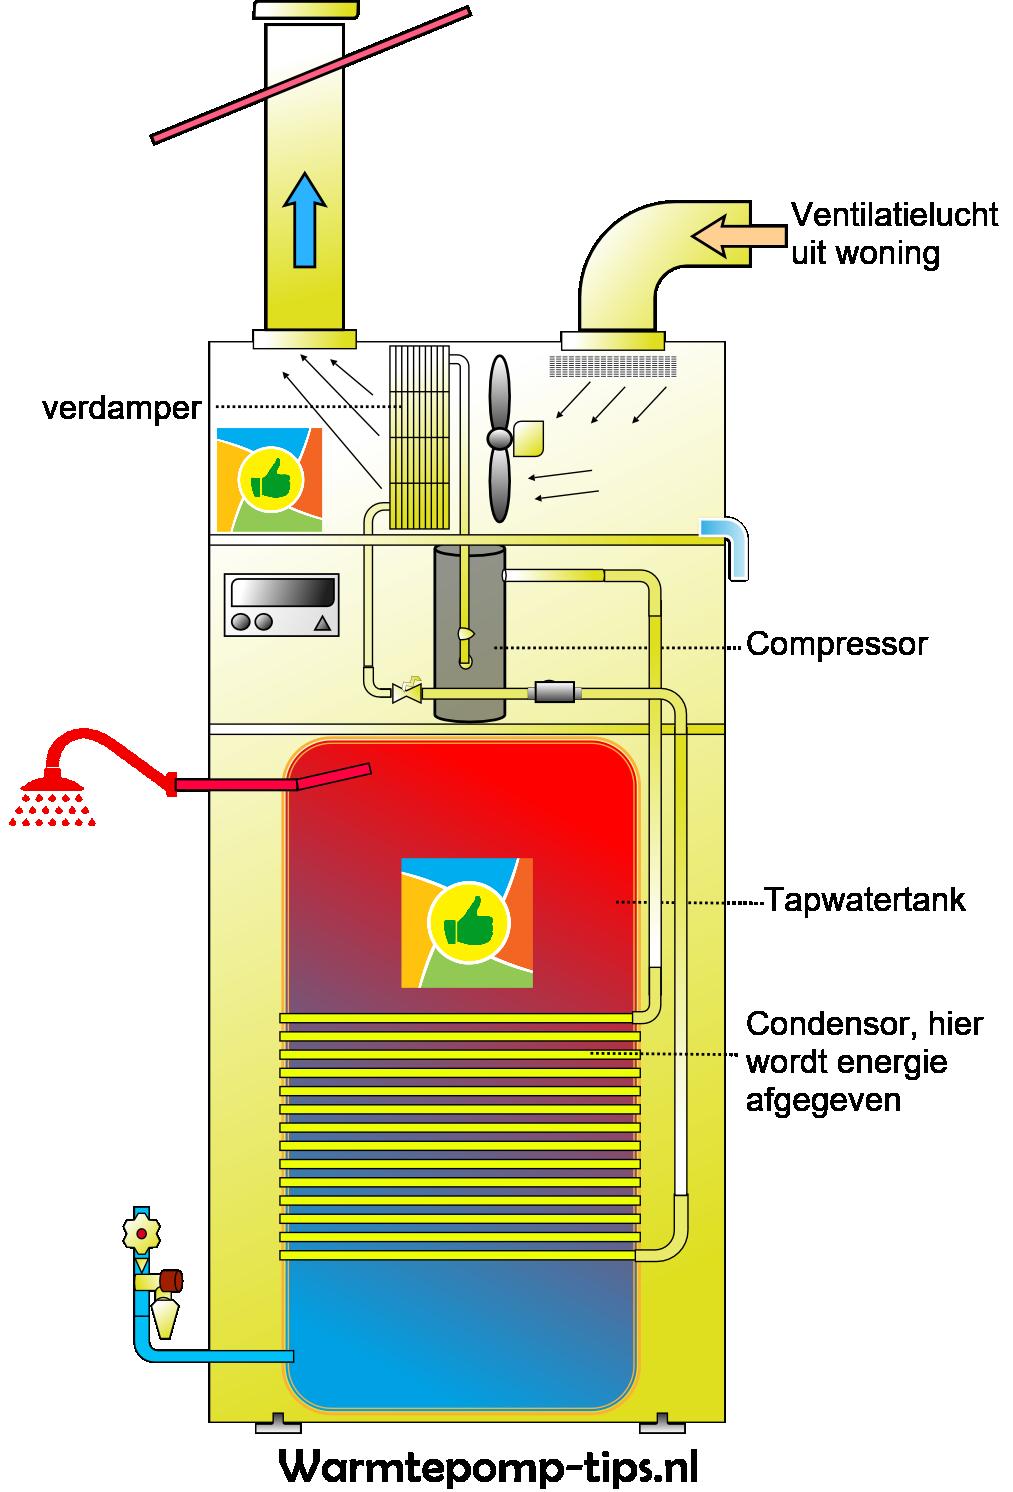 warmtepompboiler met condensor om de tank